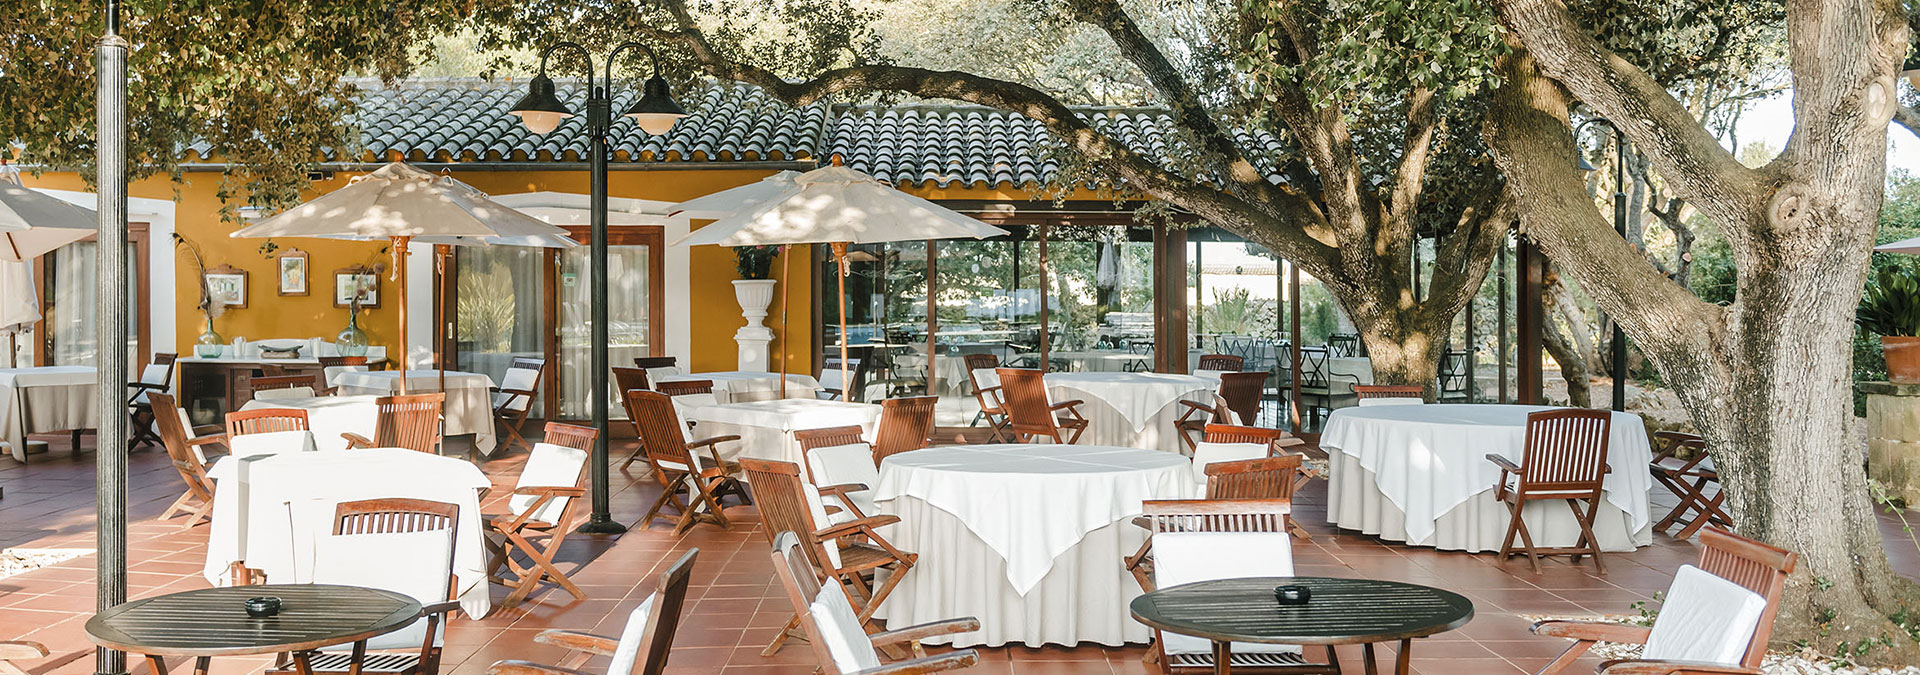 Slide Restaurante con encanto en Ciutadella, Menorca